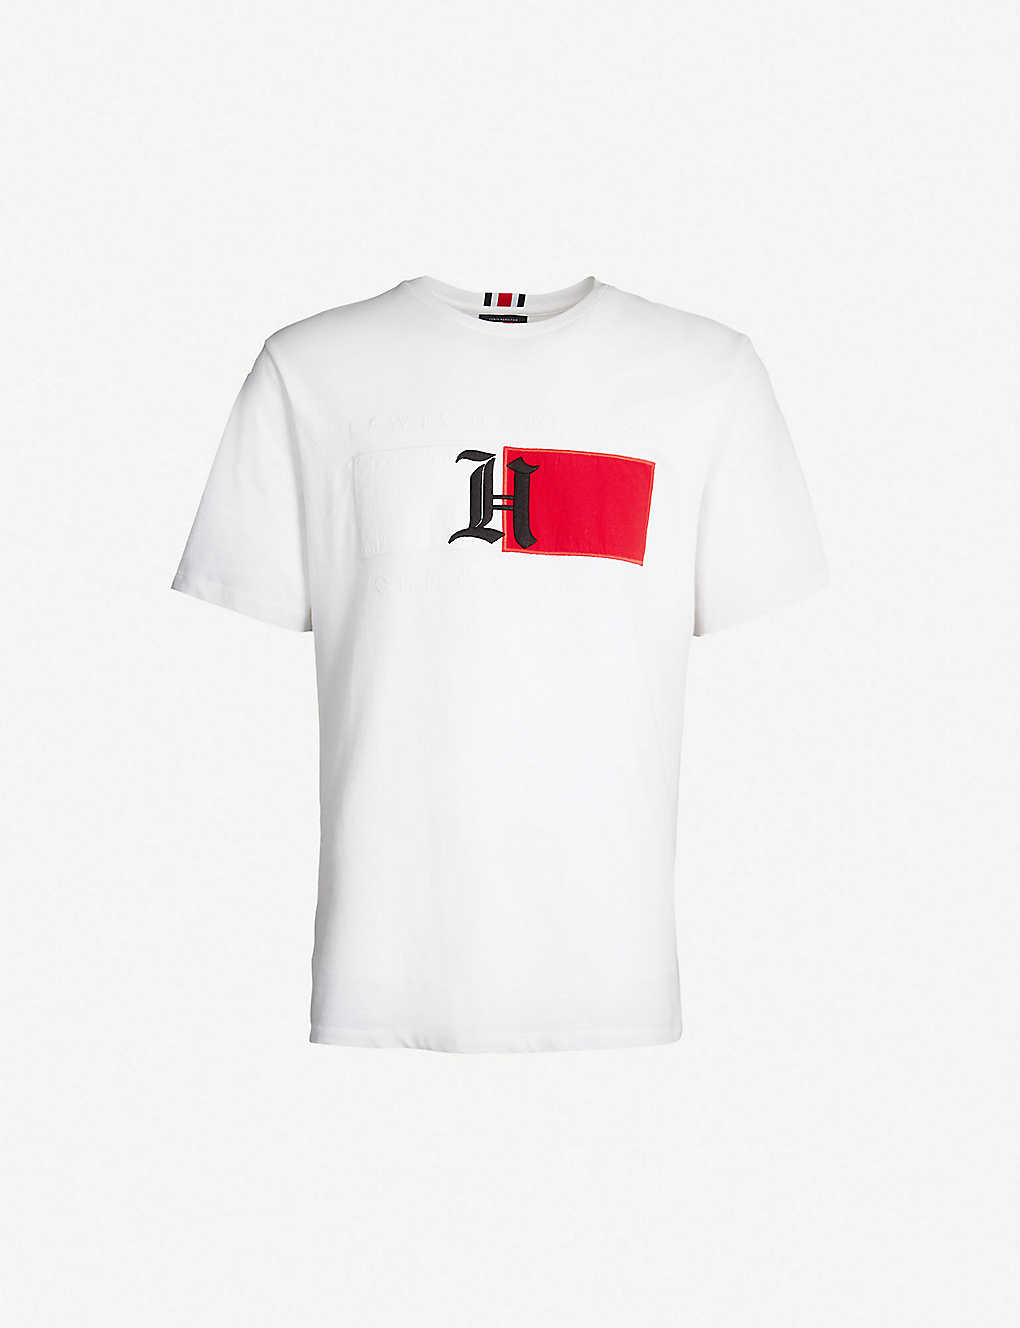 c4d11905 TOMMY HILFIGER - Tommy Hilfiger X Lewis Hamilton cotton-jersey T-shirt |  Selfridges.com